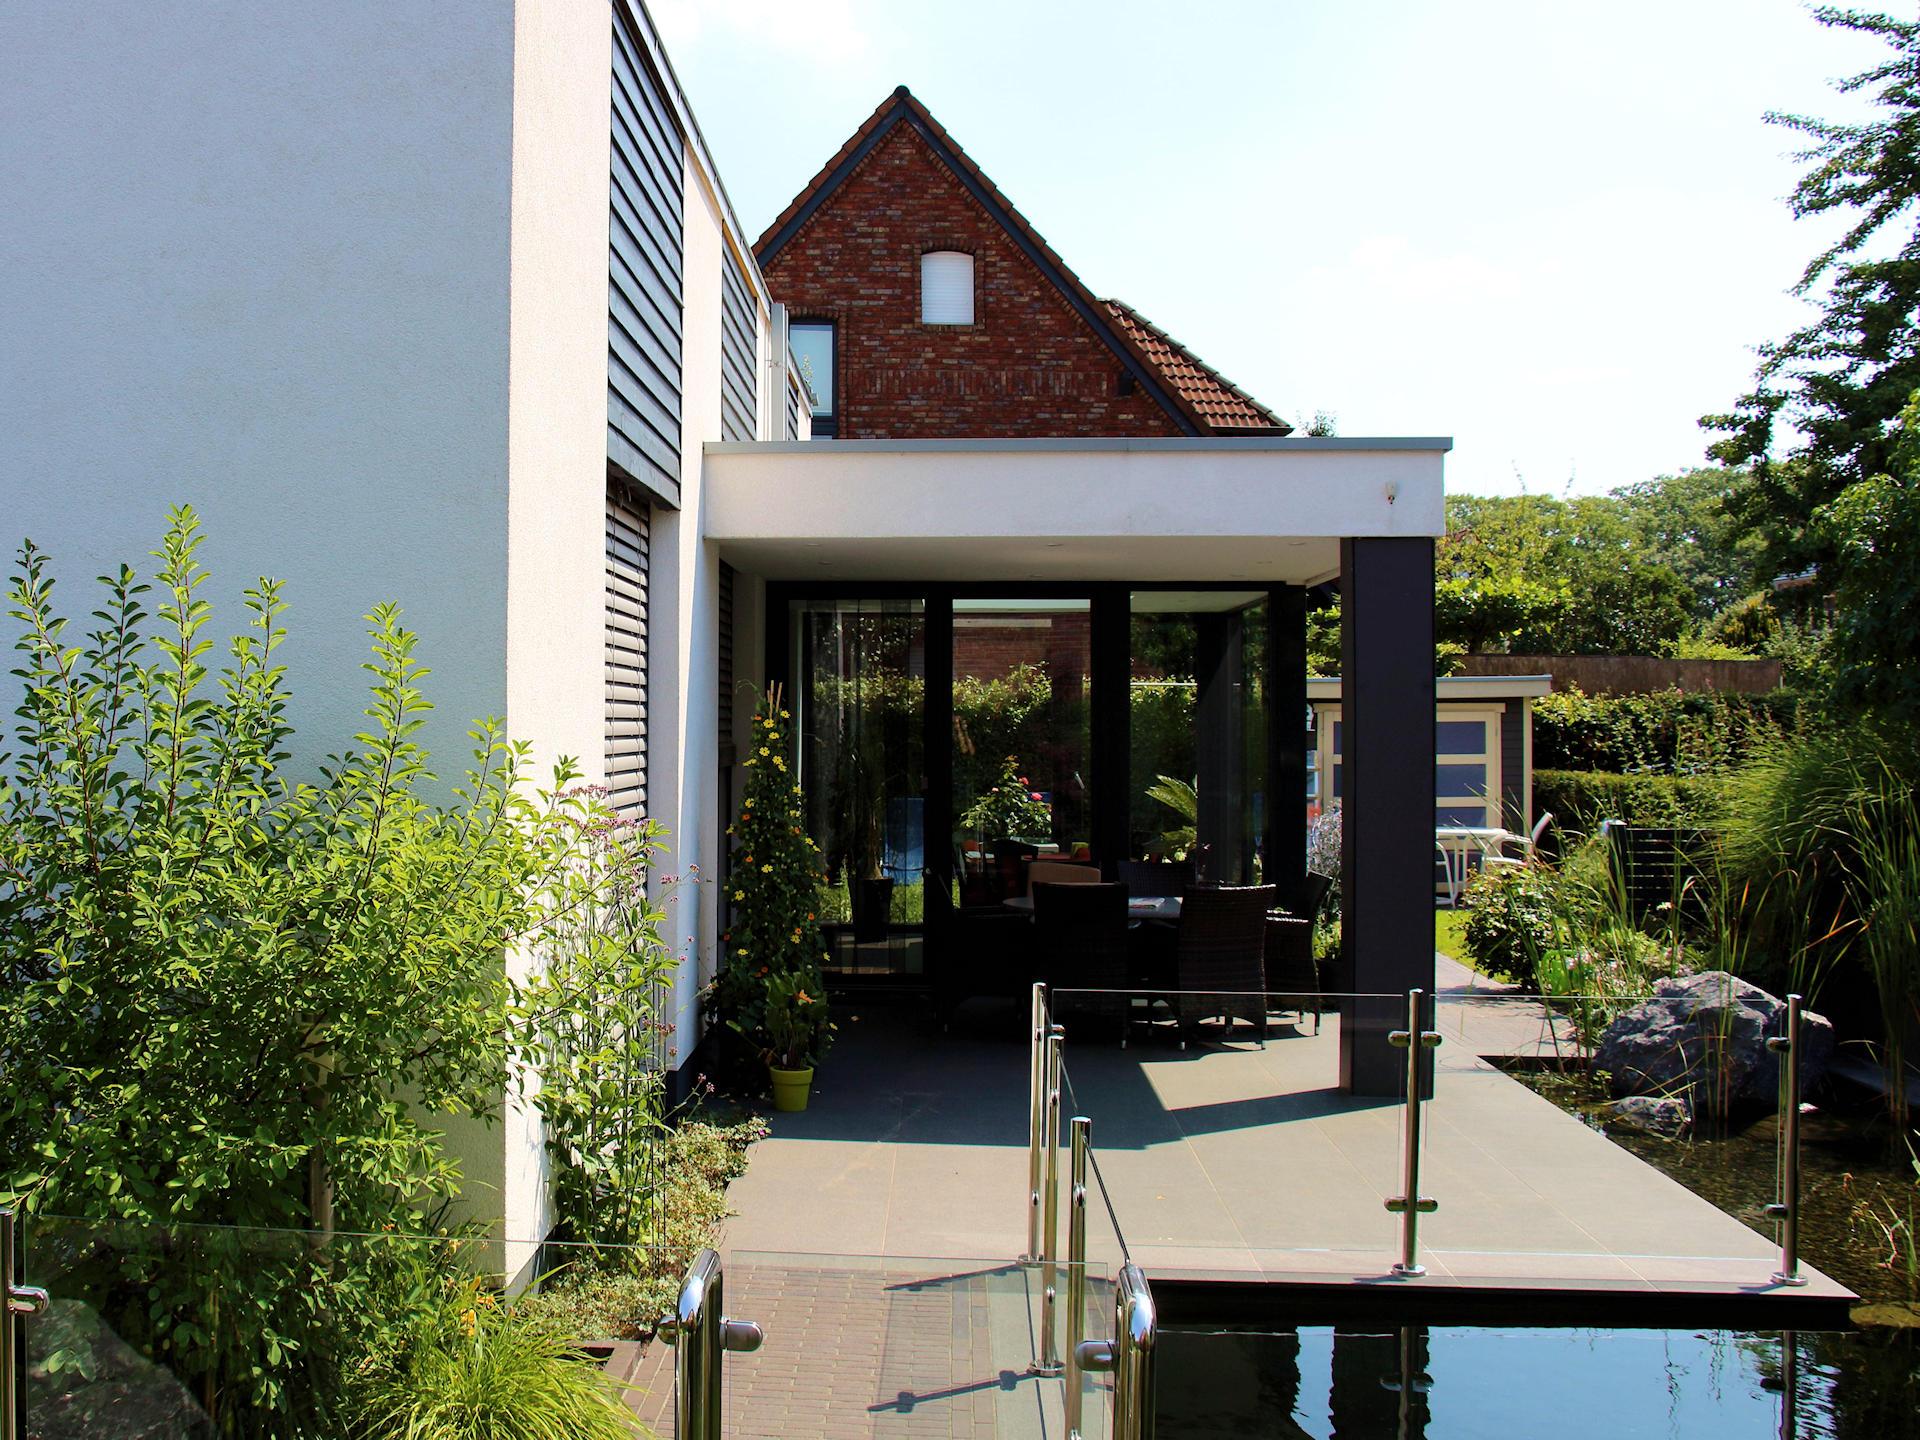 individuelles Fertighaus Wohnhaus mit Putzfassade Terrassenüberdachung